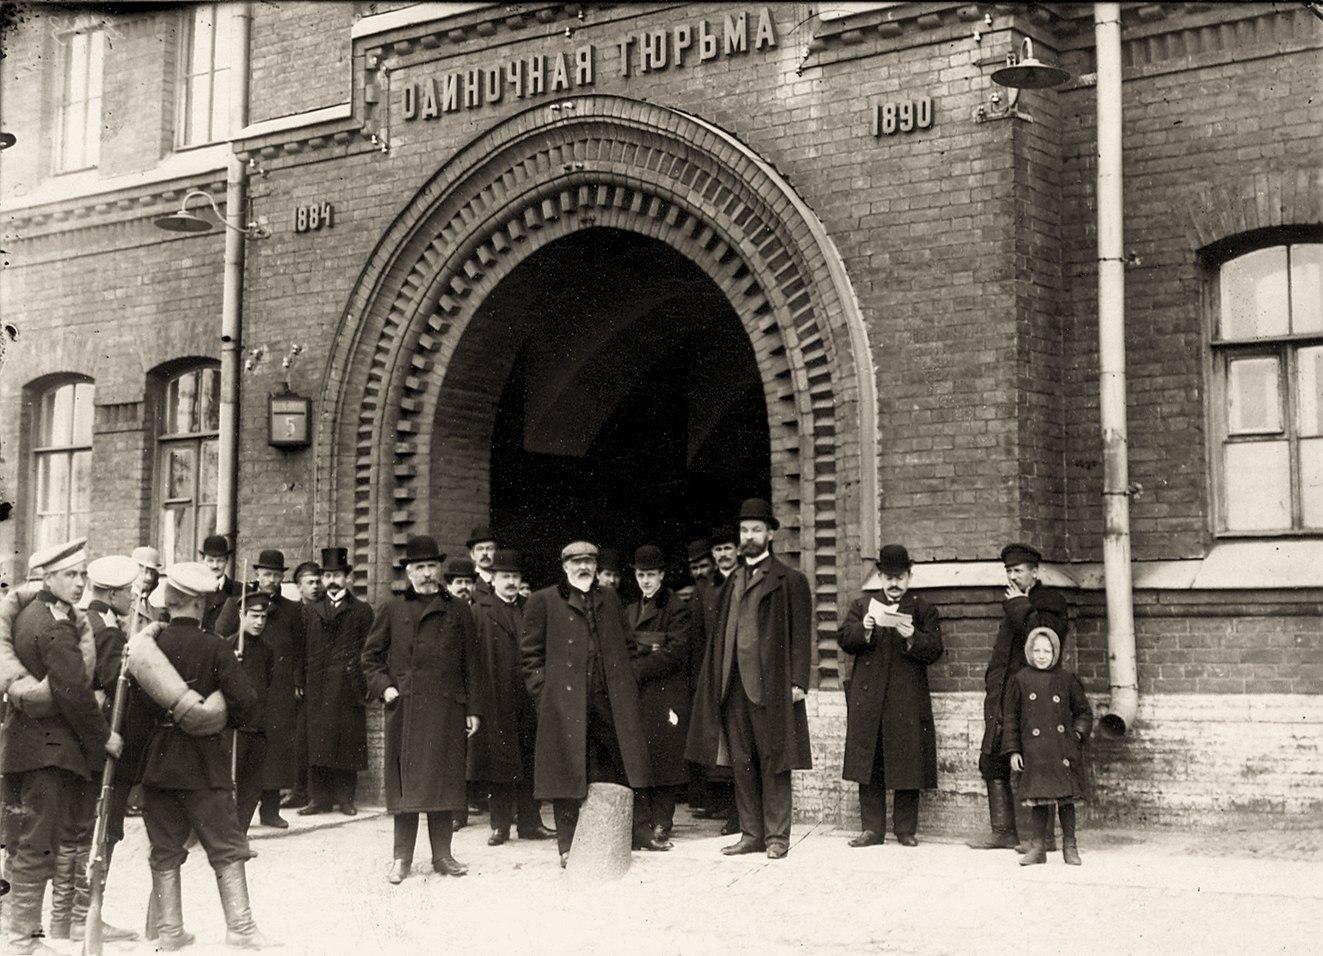 1906. Группа депутатов Первой Государственной думы, осужденных за подписание Выборгского воззвания на 3 месяца тюремного заключения, у ворот тюрьмы Кресты